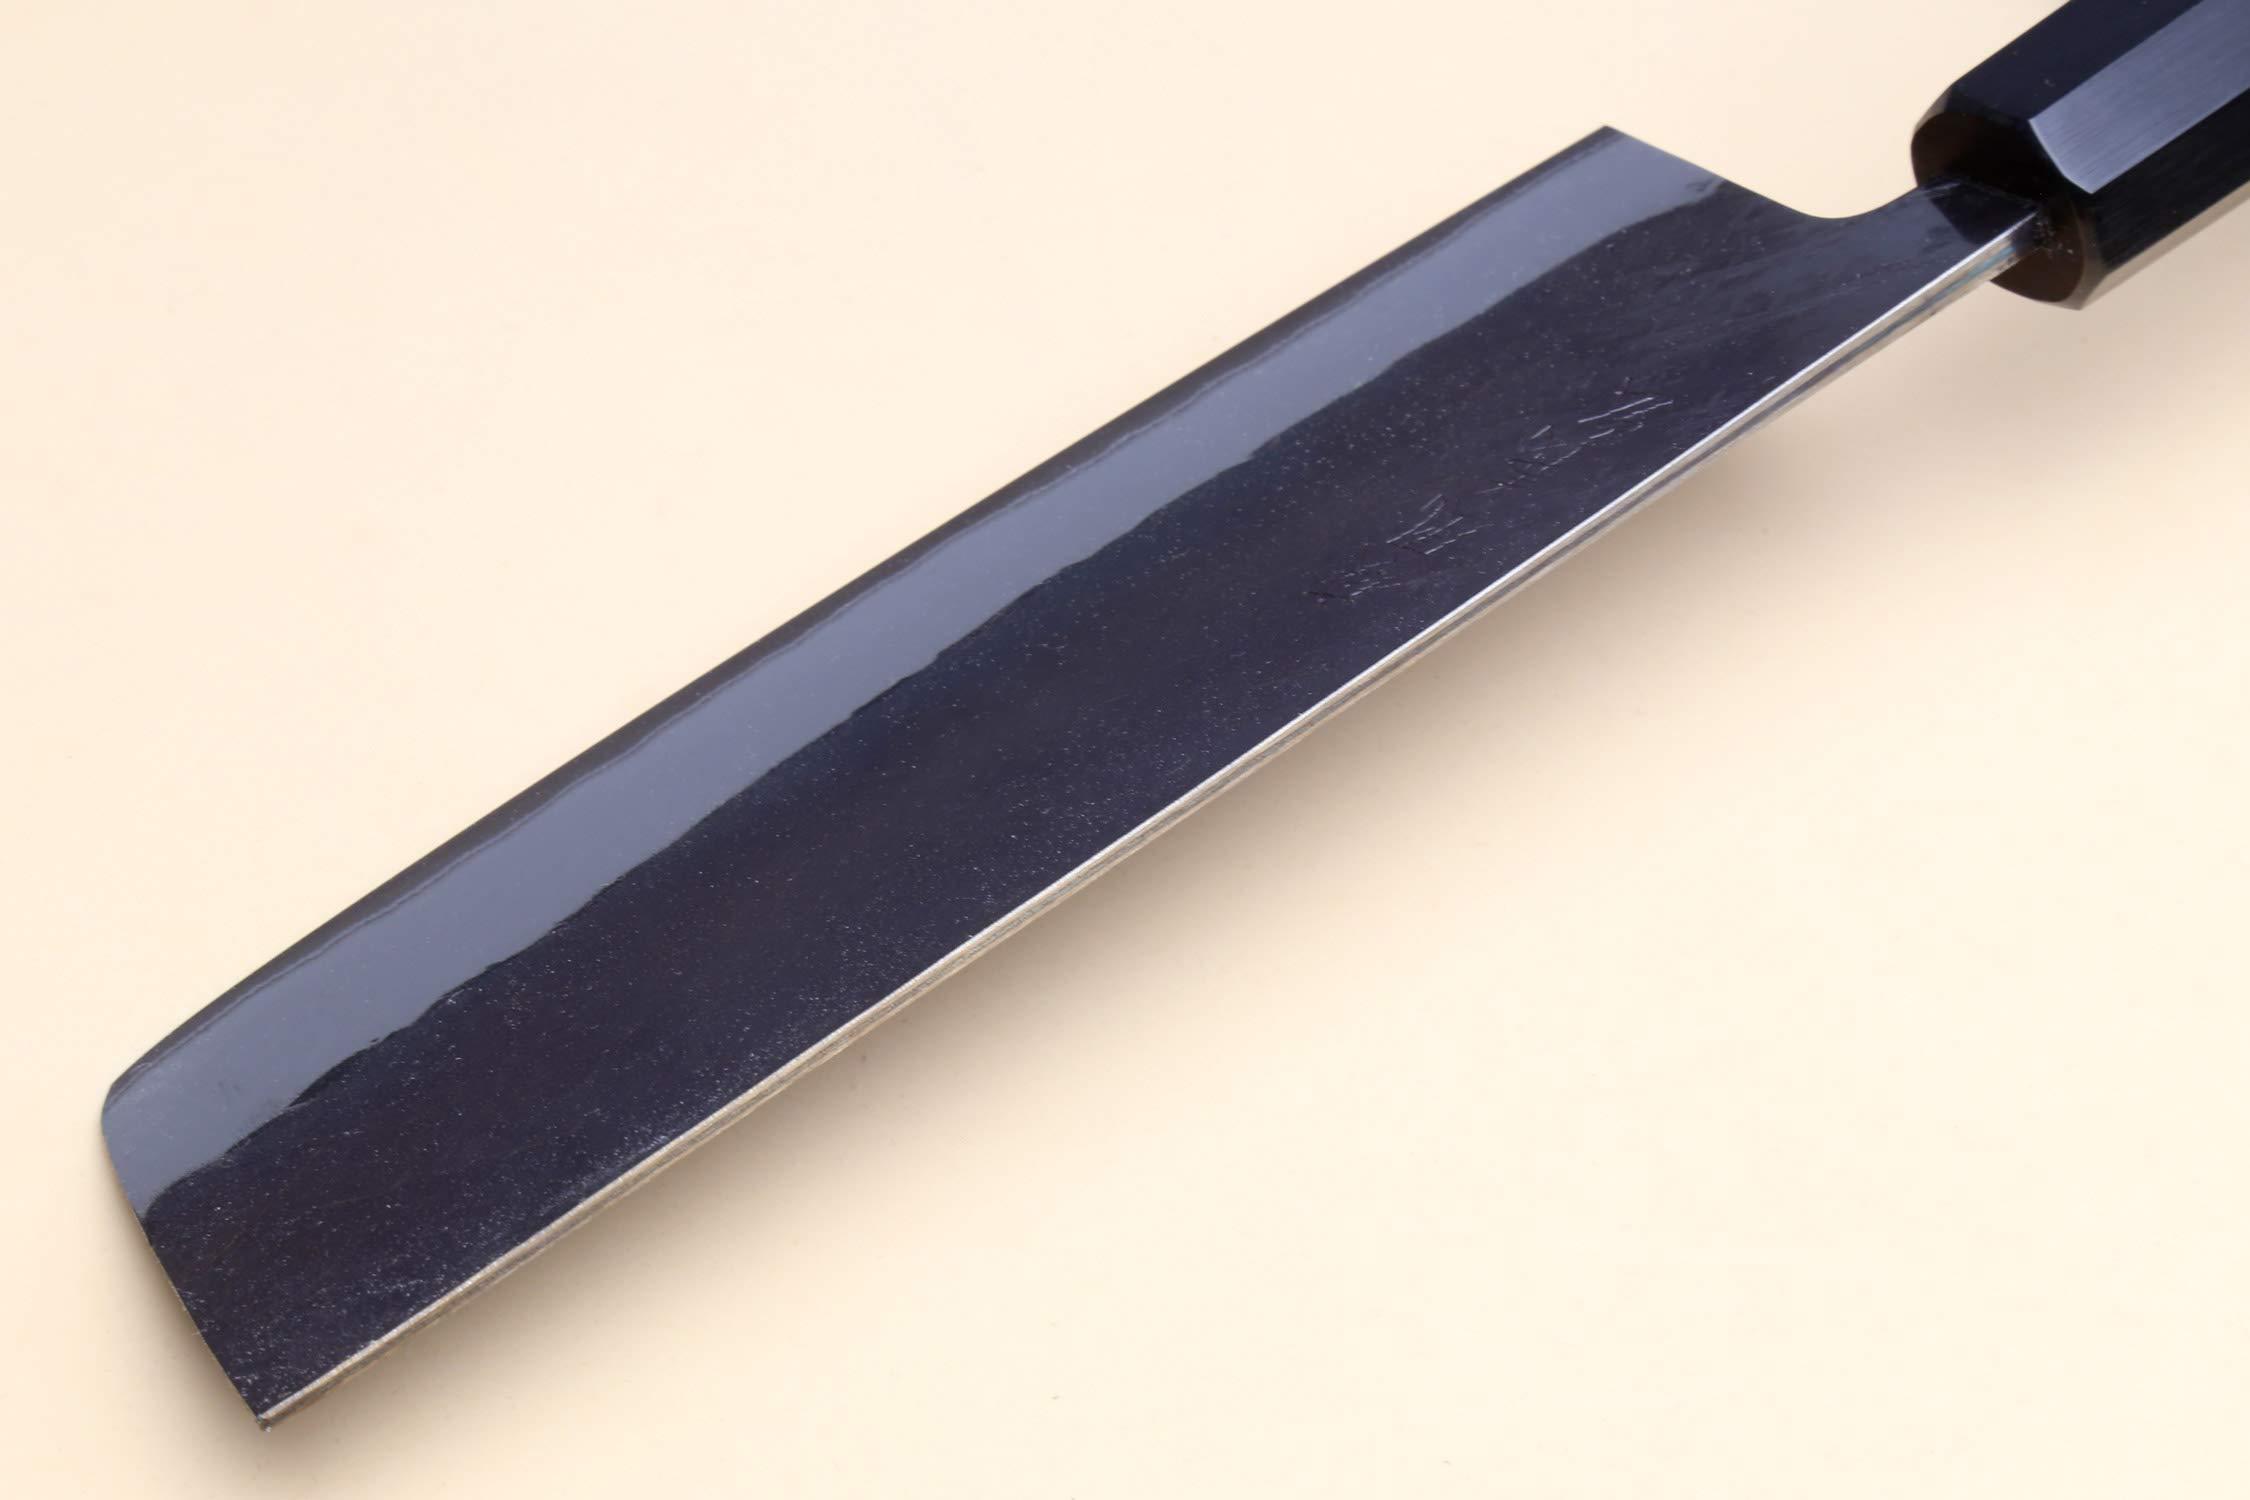 Yoshihiro Kurouchi Black-Forged Blue Steel Stainless Clad Nakiri Japanese Vegetable Knife (6.5'' (165mm) & Saya) by Yoshihiro (Image #7)